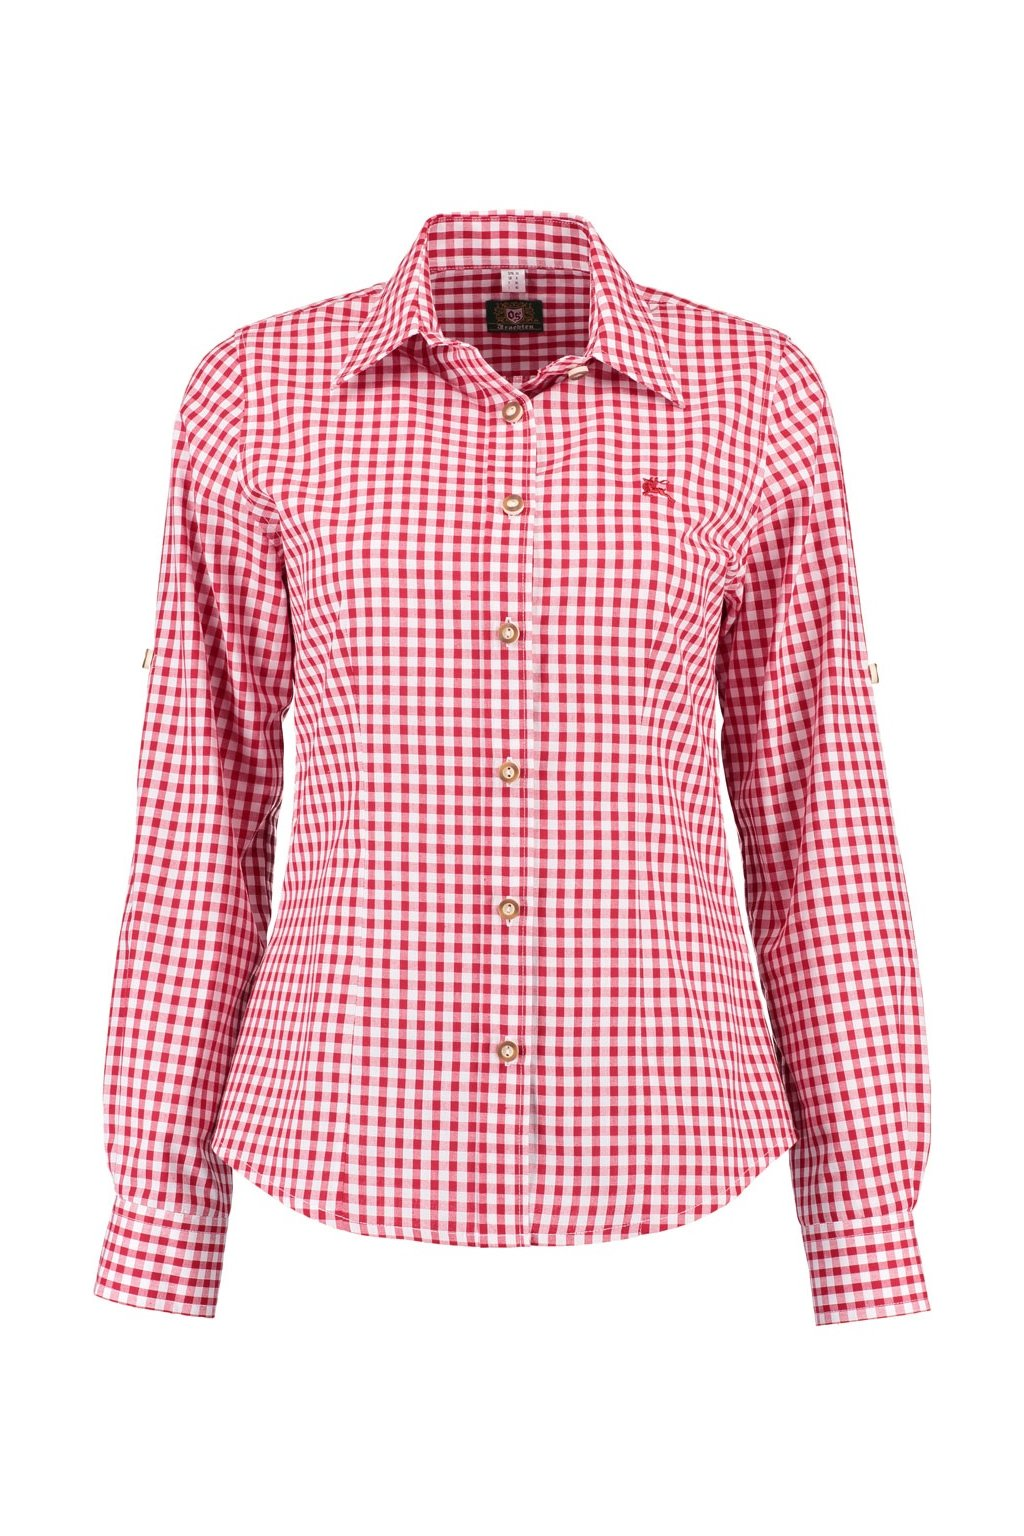 ORBIS - košile dámská červená zkr. rukáv (2602 34)